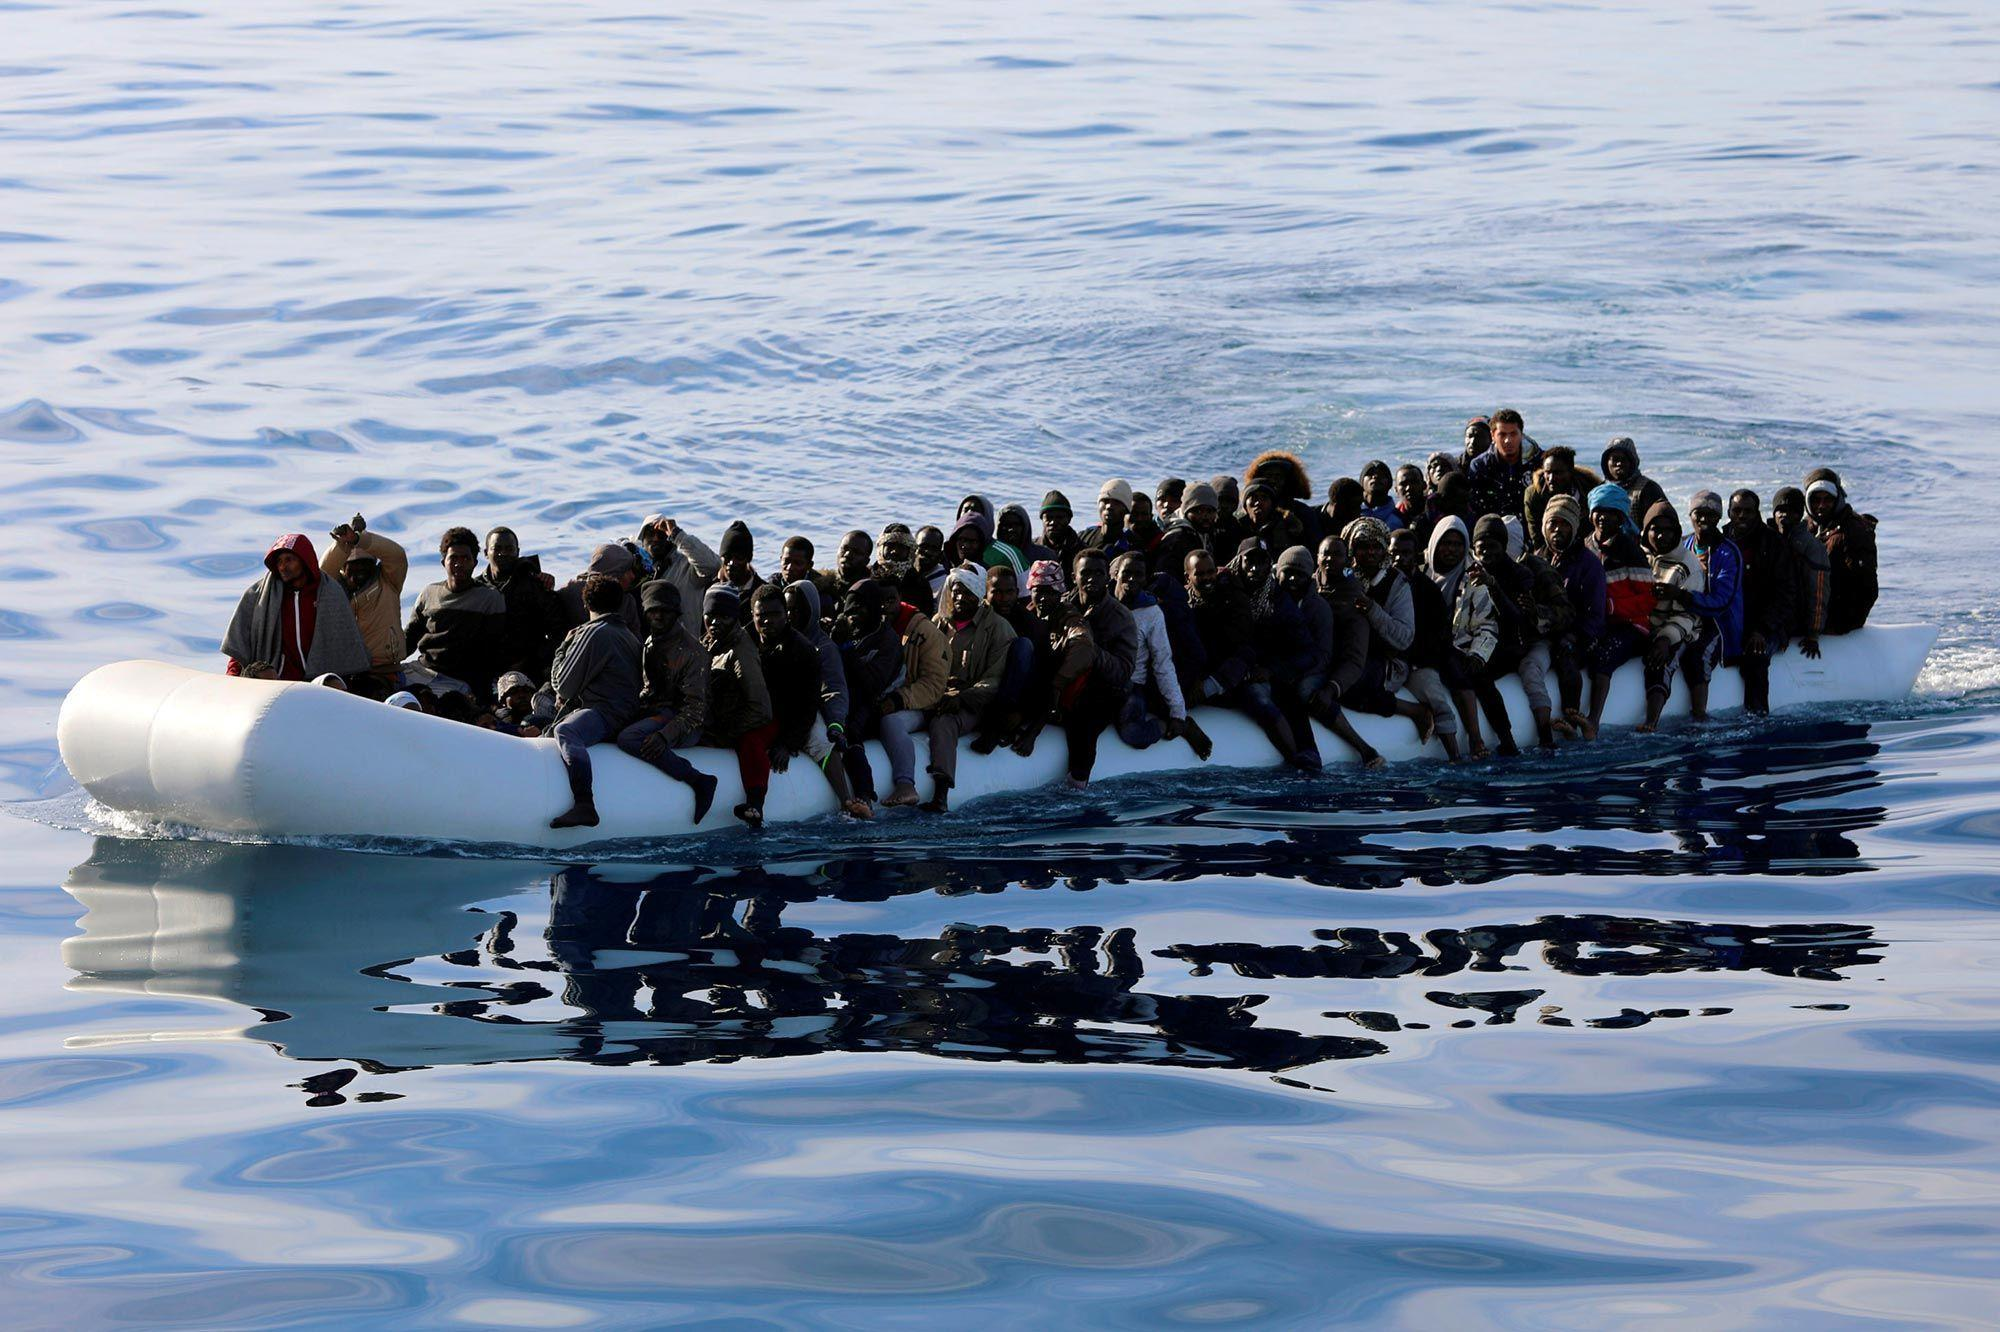 ليبيا.. اعتراض حوالي 500 مهاجر سري في ظرف 24 ساعة في البحر المتوسط